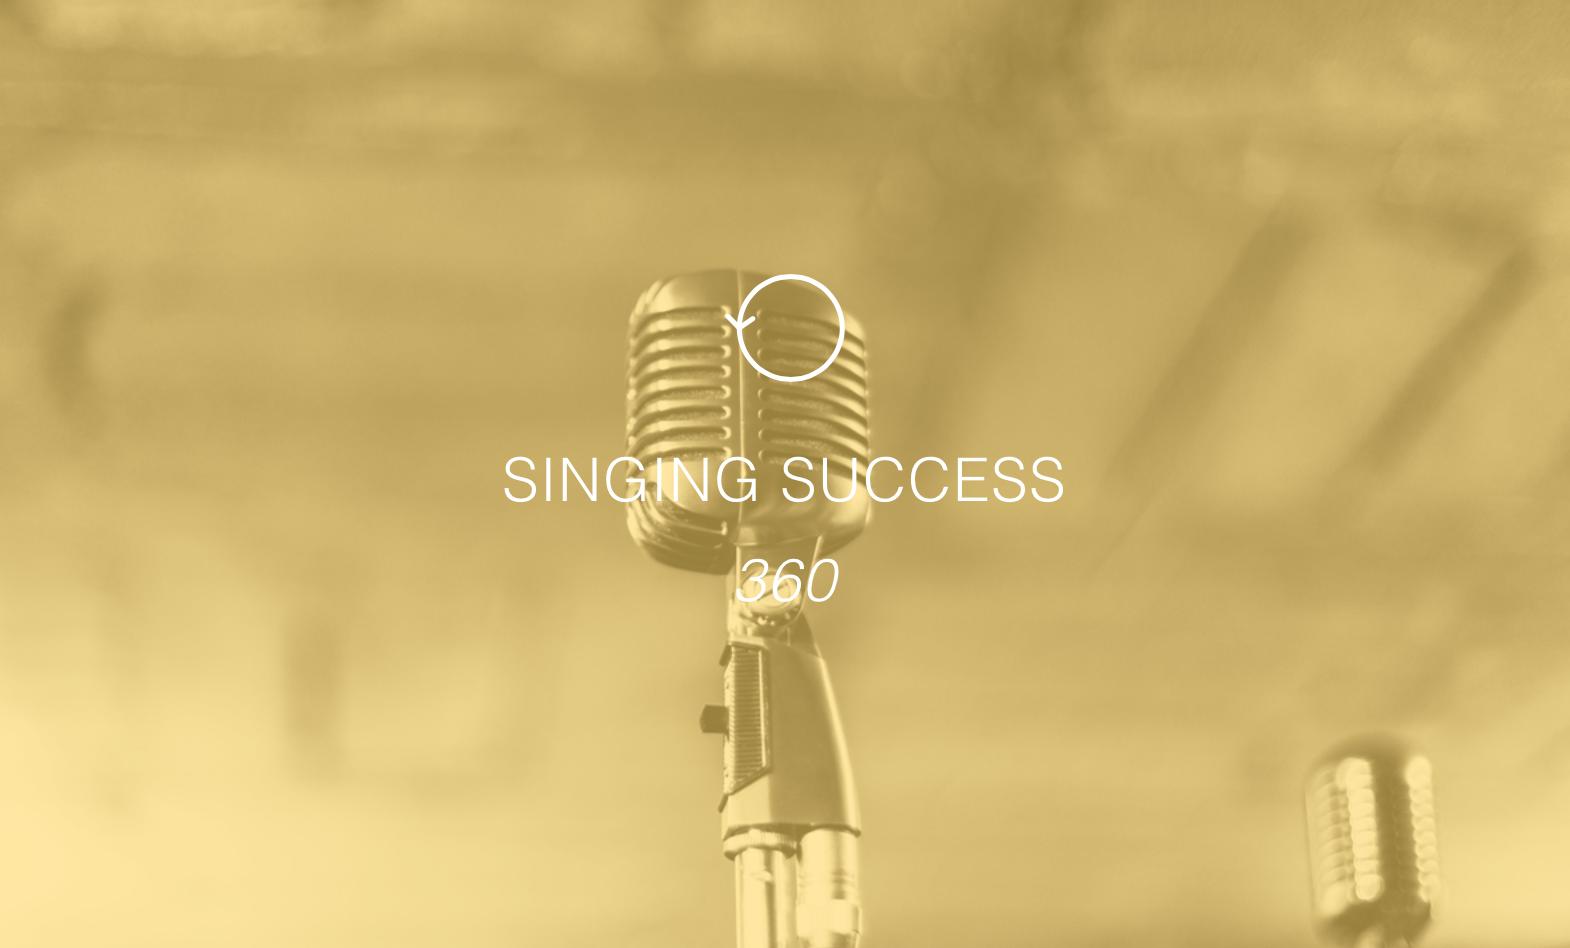 Success download singing free Royalty Free